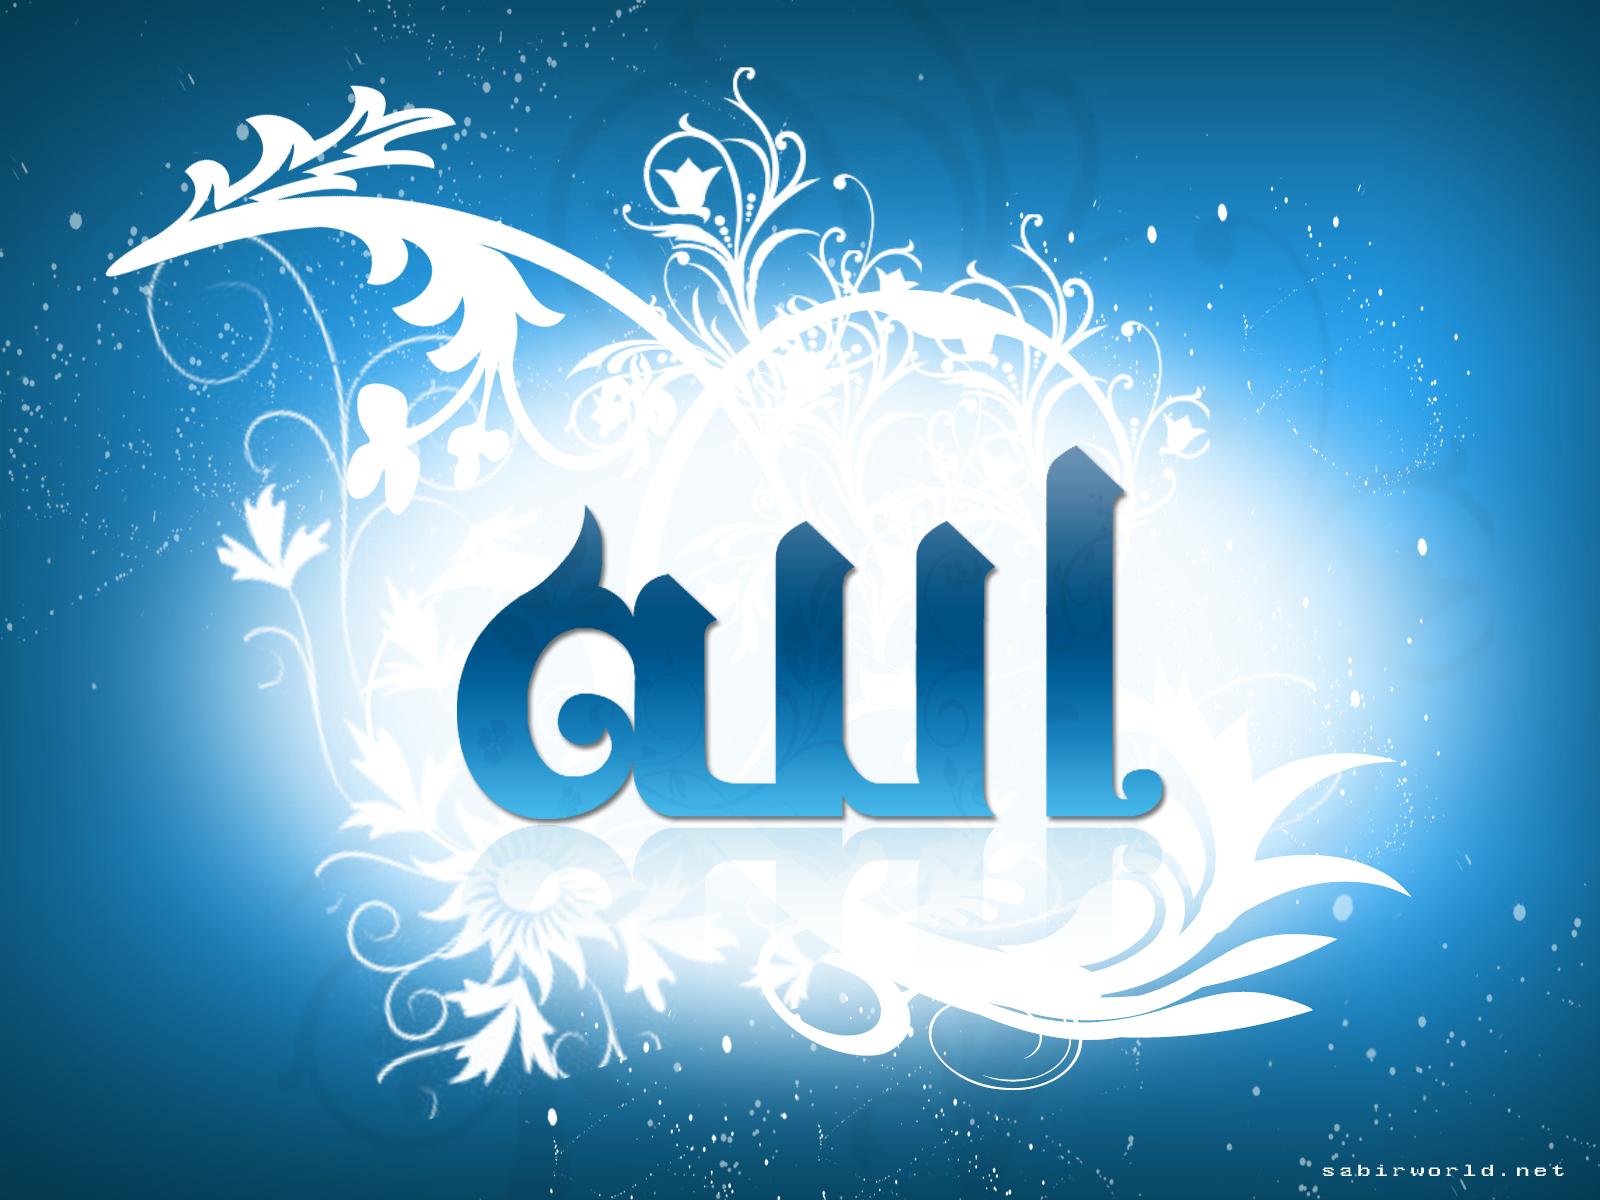 http://3.bp.blogspot.com/-oE3OE3rdaj8/T1dCAJcFMBI/AAAAAAAAXQM/_mE09bIzWJk/s1600/Islamic+Wallpaper+(7).jpg